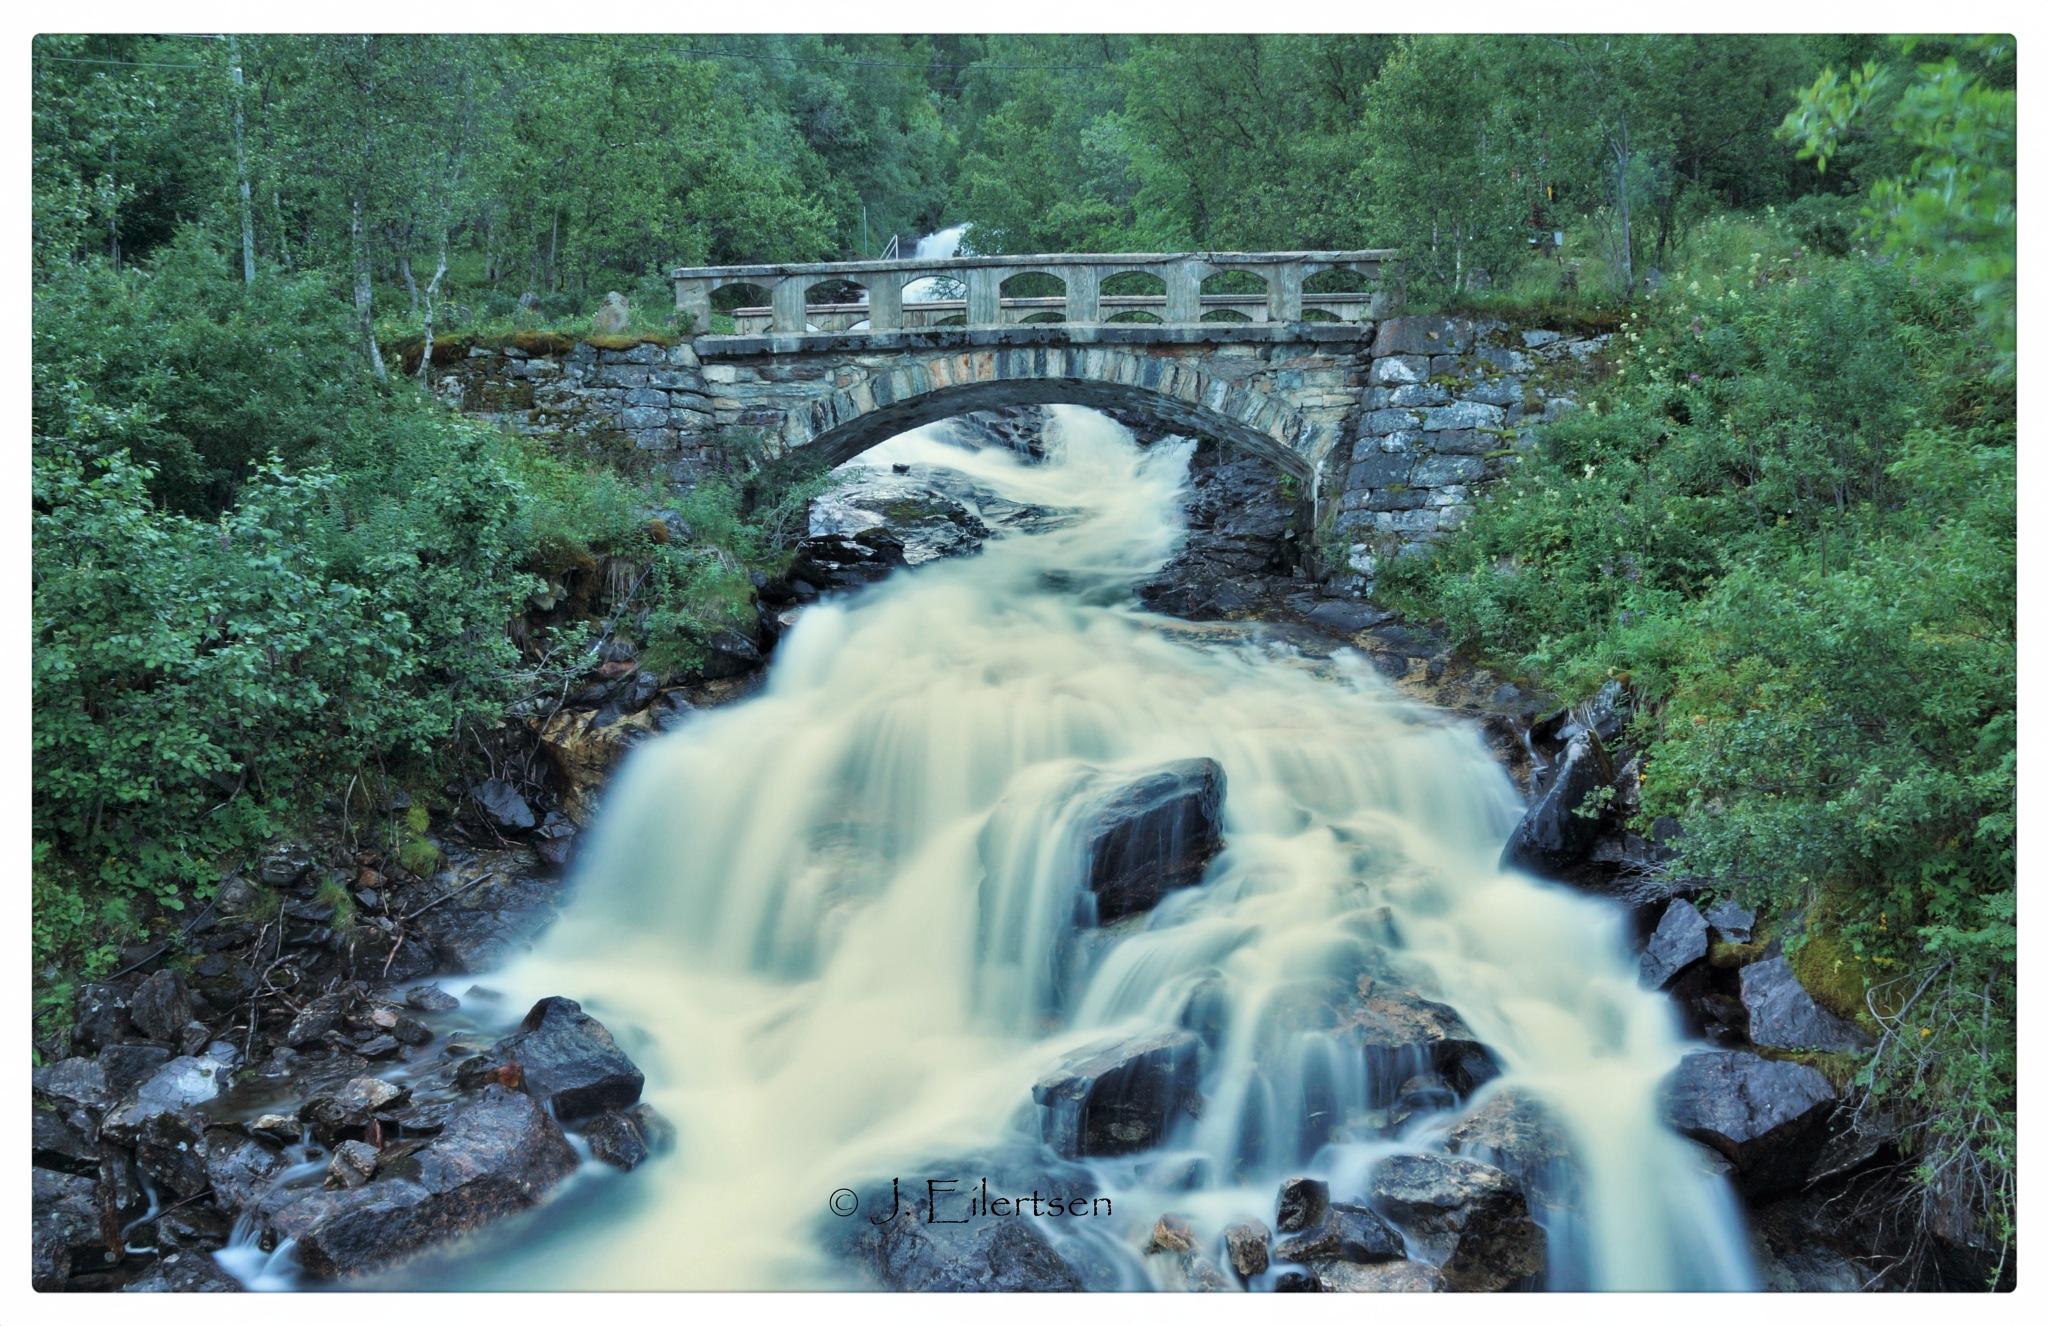 The Old Bridge by joeilert